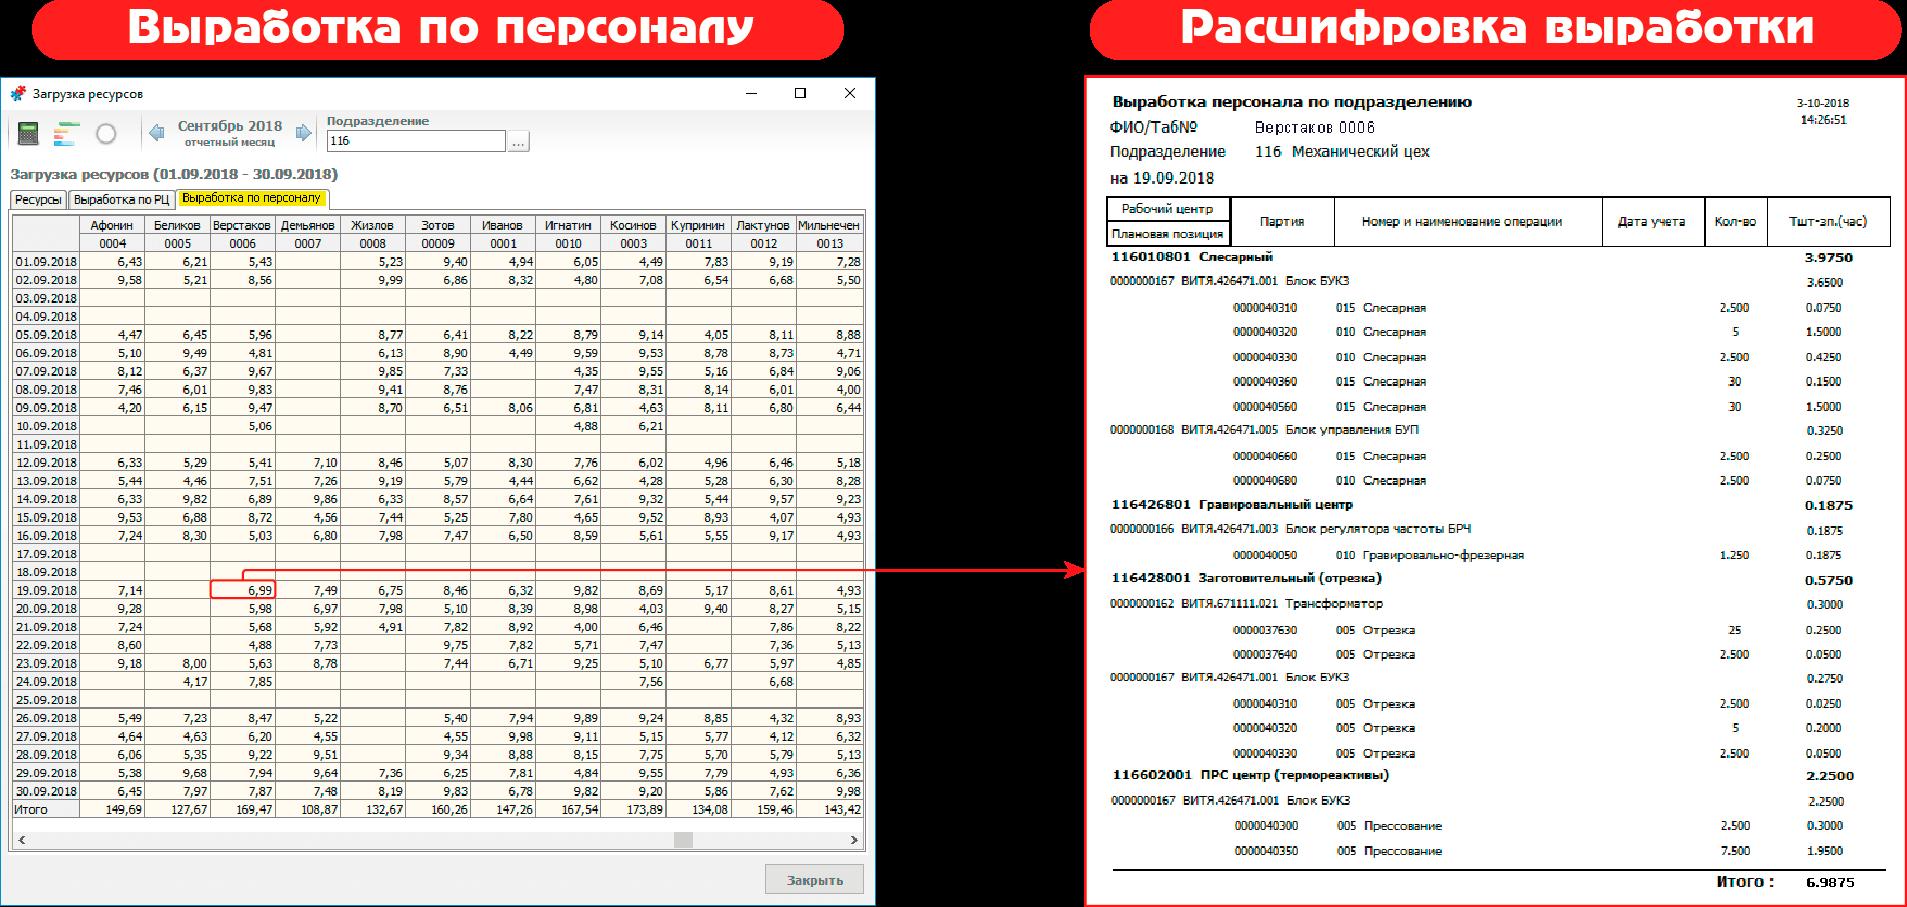 СПРУТ-ОКП планирование производства Экономика Документы выработки